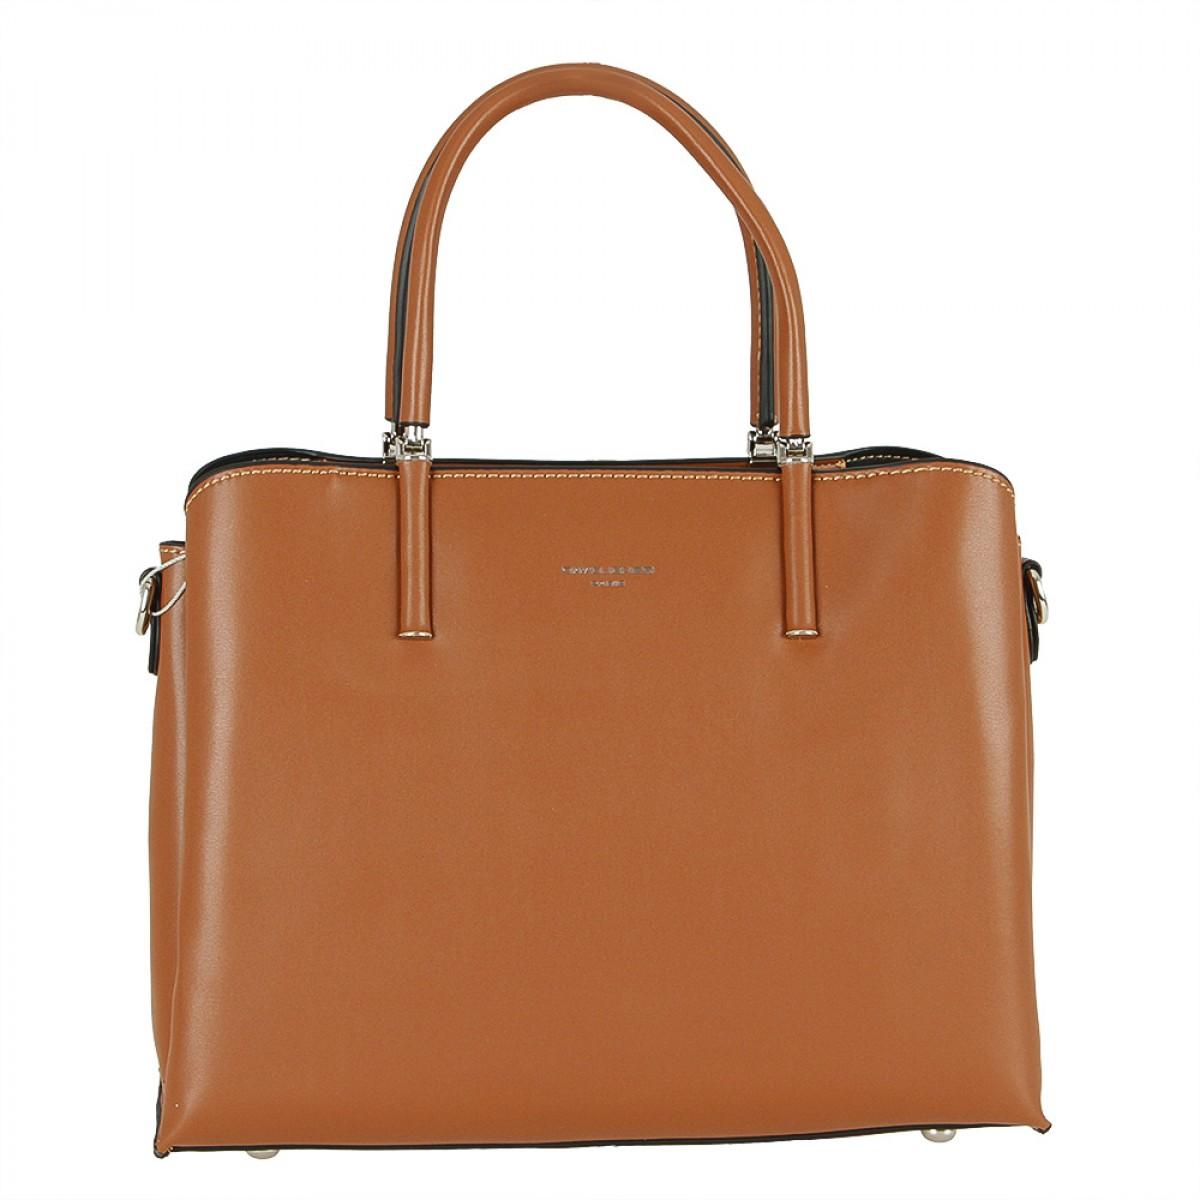 Жіноча сумка David Jones CM5631 COGNAC